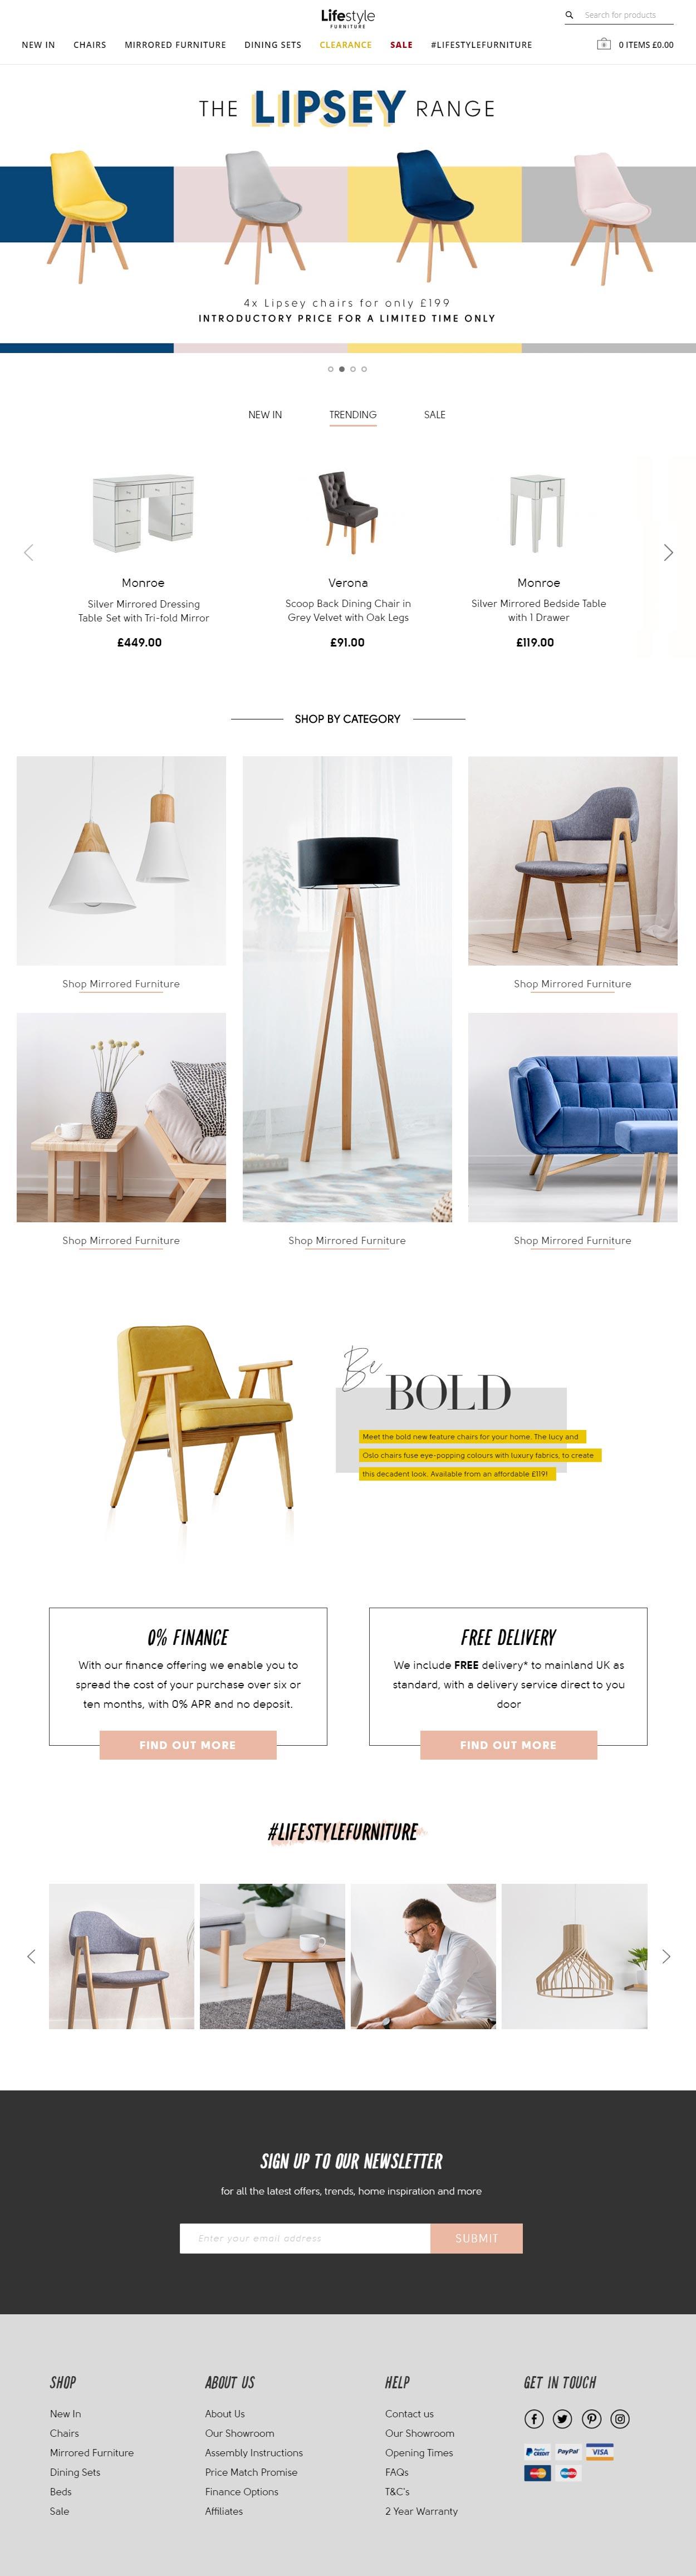 portfolio-detail-lifestyle-img-02